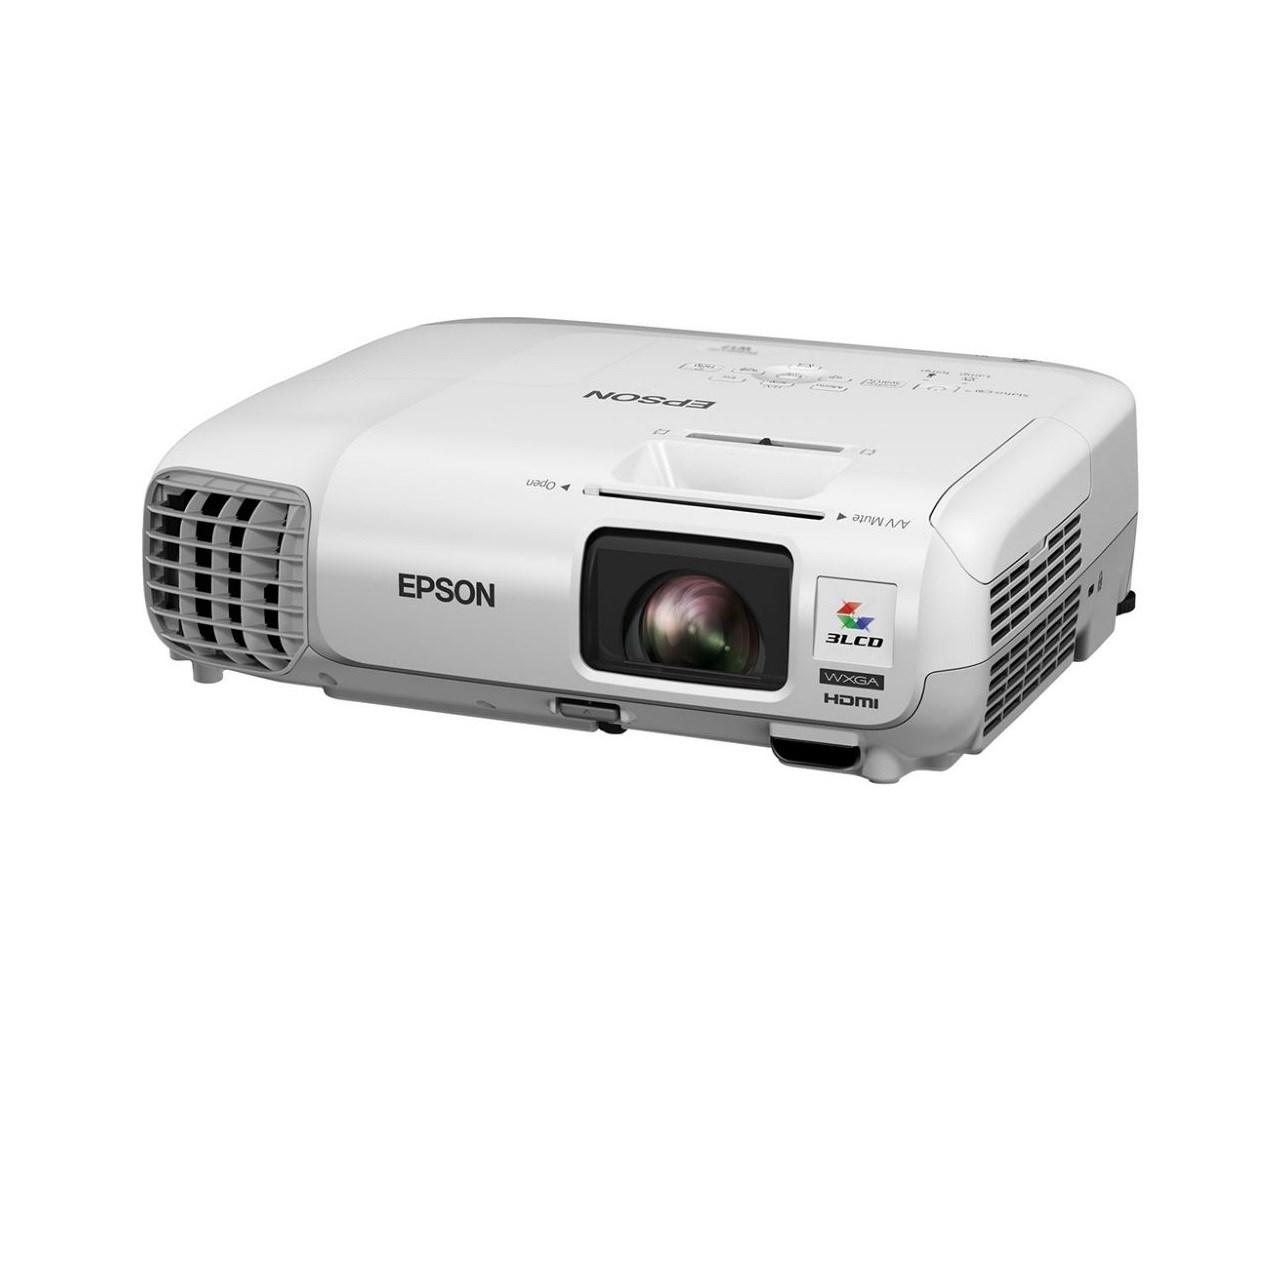 قیمت                      دیتا ویدیو پروژکتور اپسون مدل EB-w29